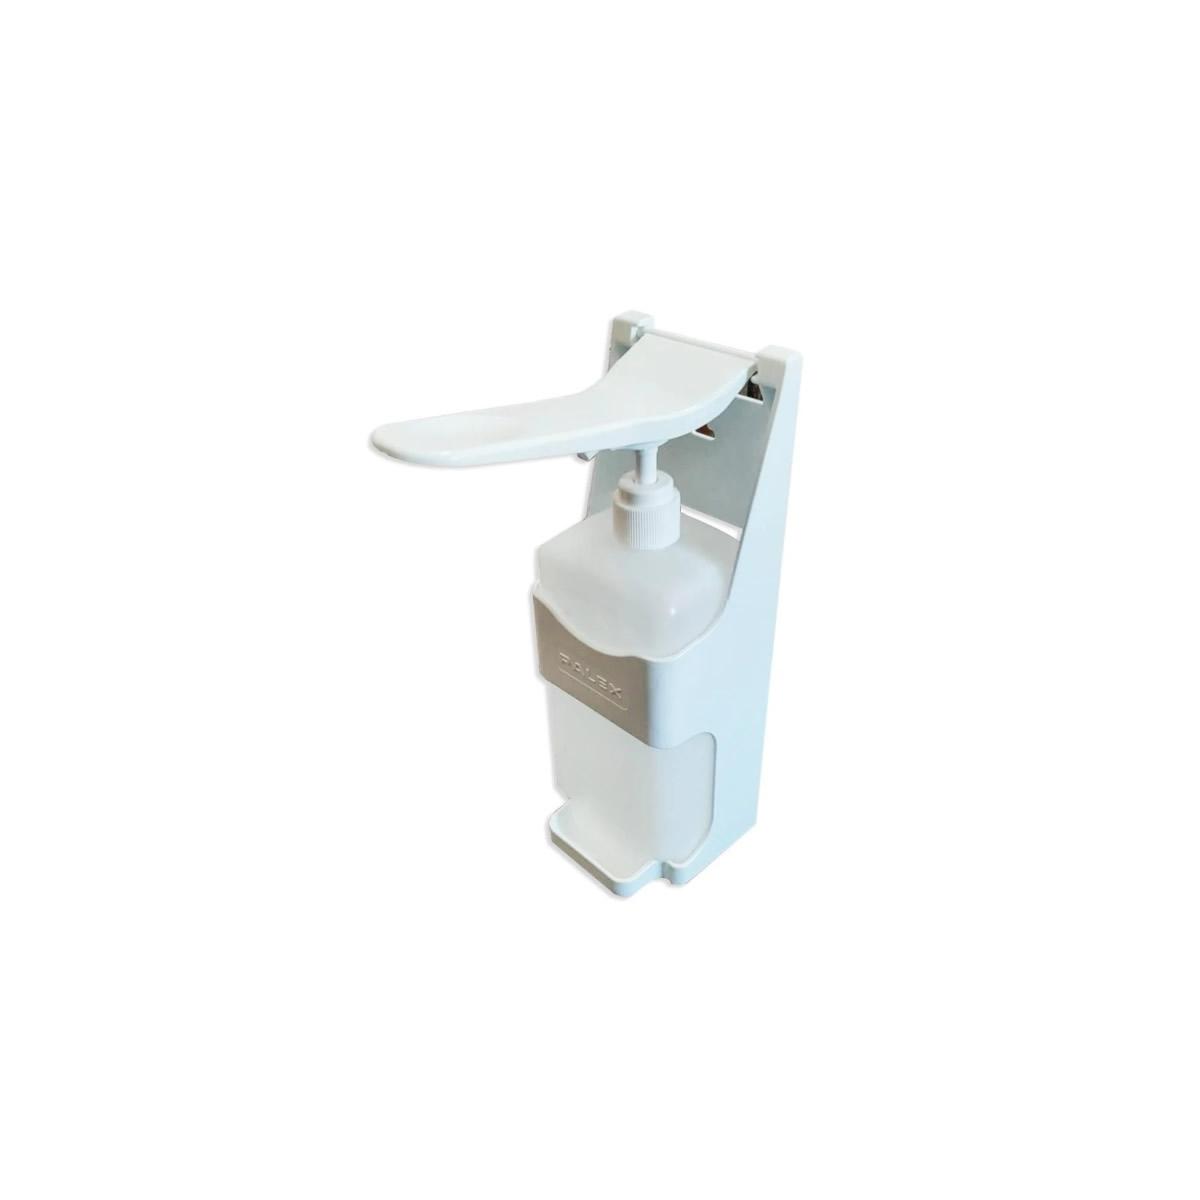 Dezenfektan Dispenseri Kol İle Kullanım 1000ml resmi